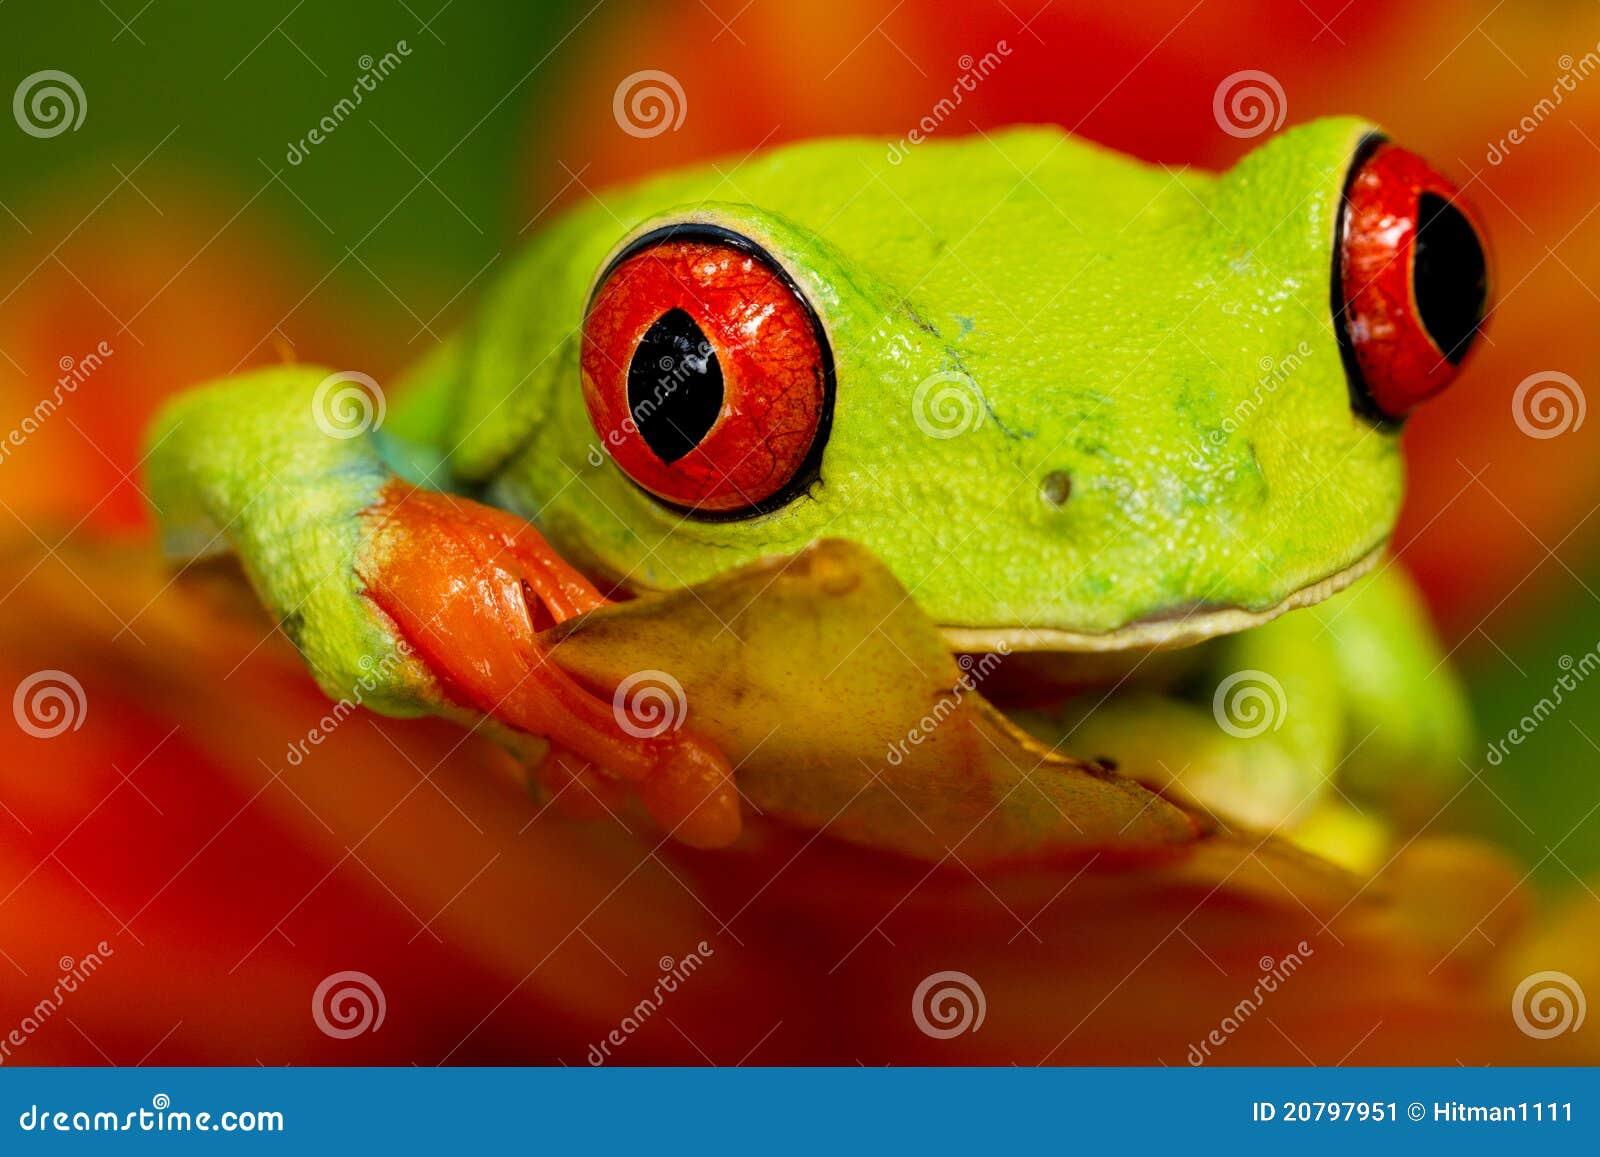 Rana de árbol eyed roja